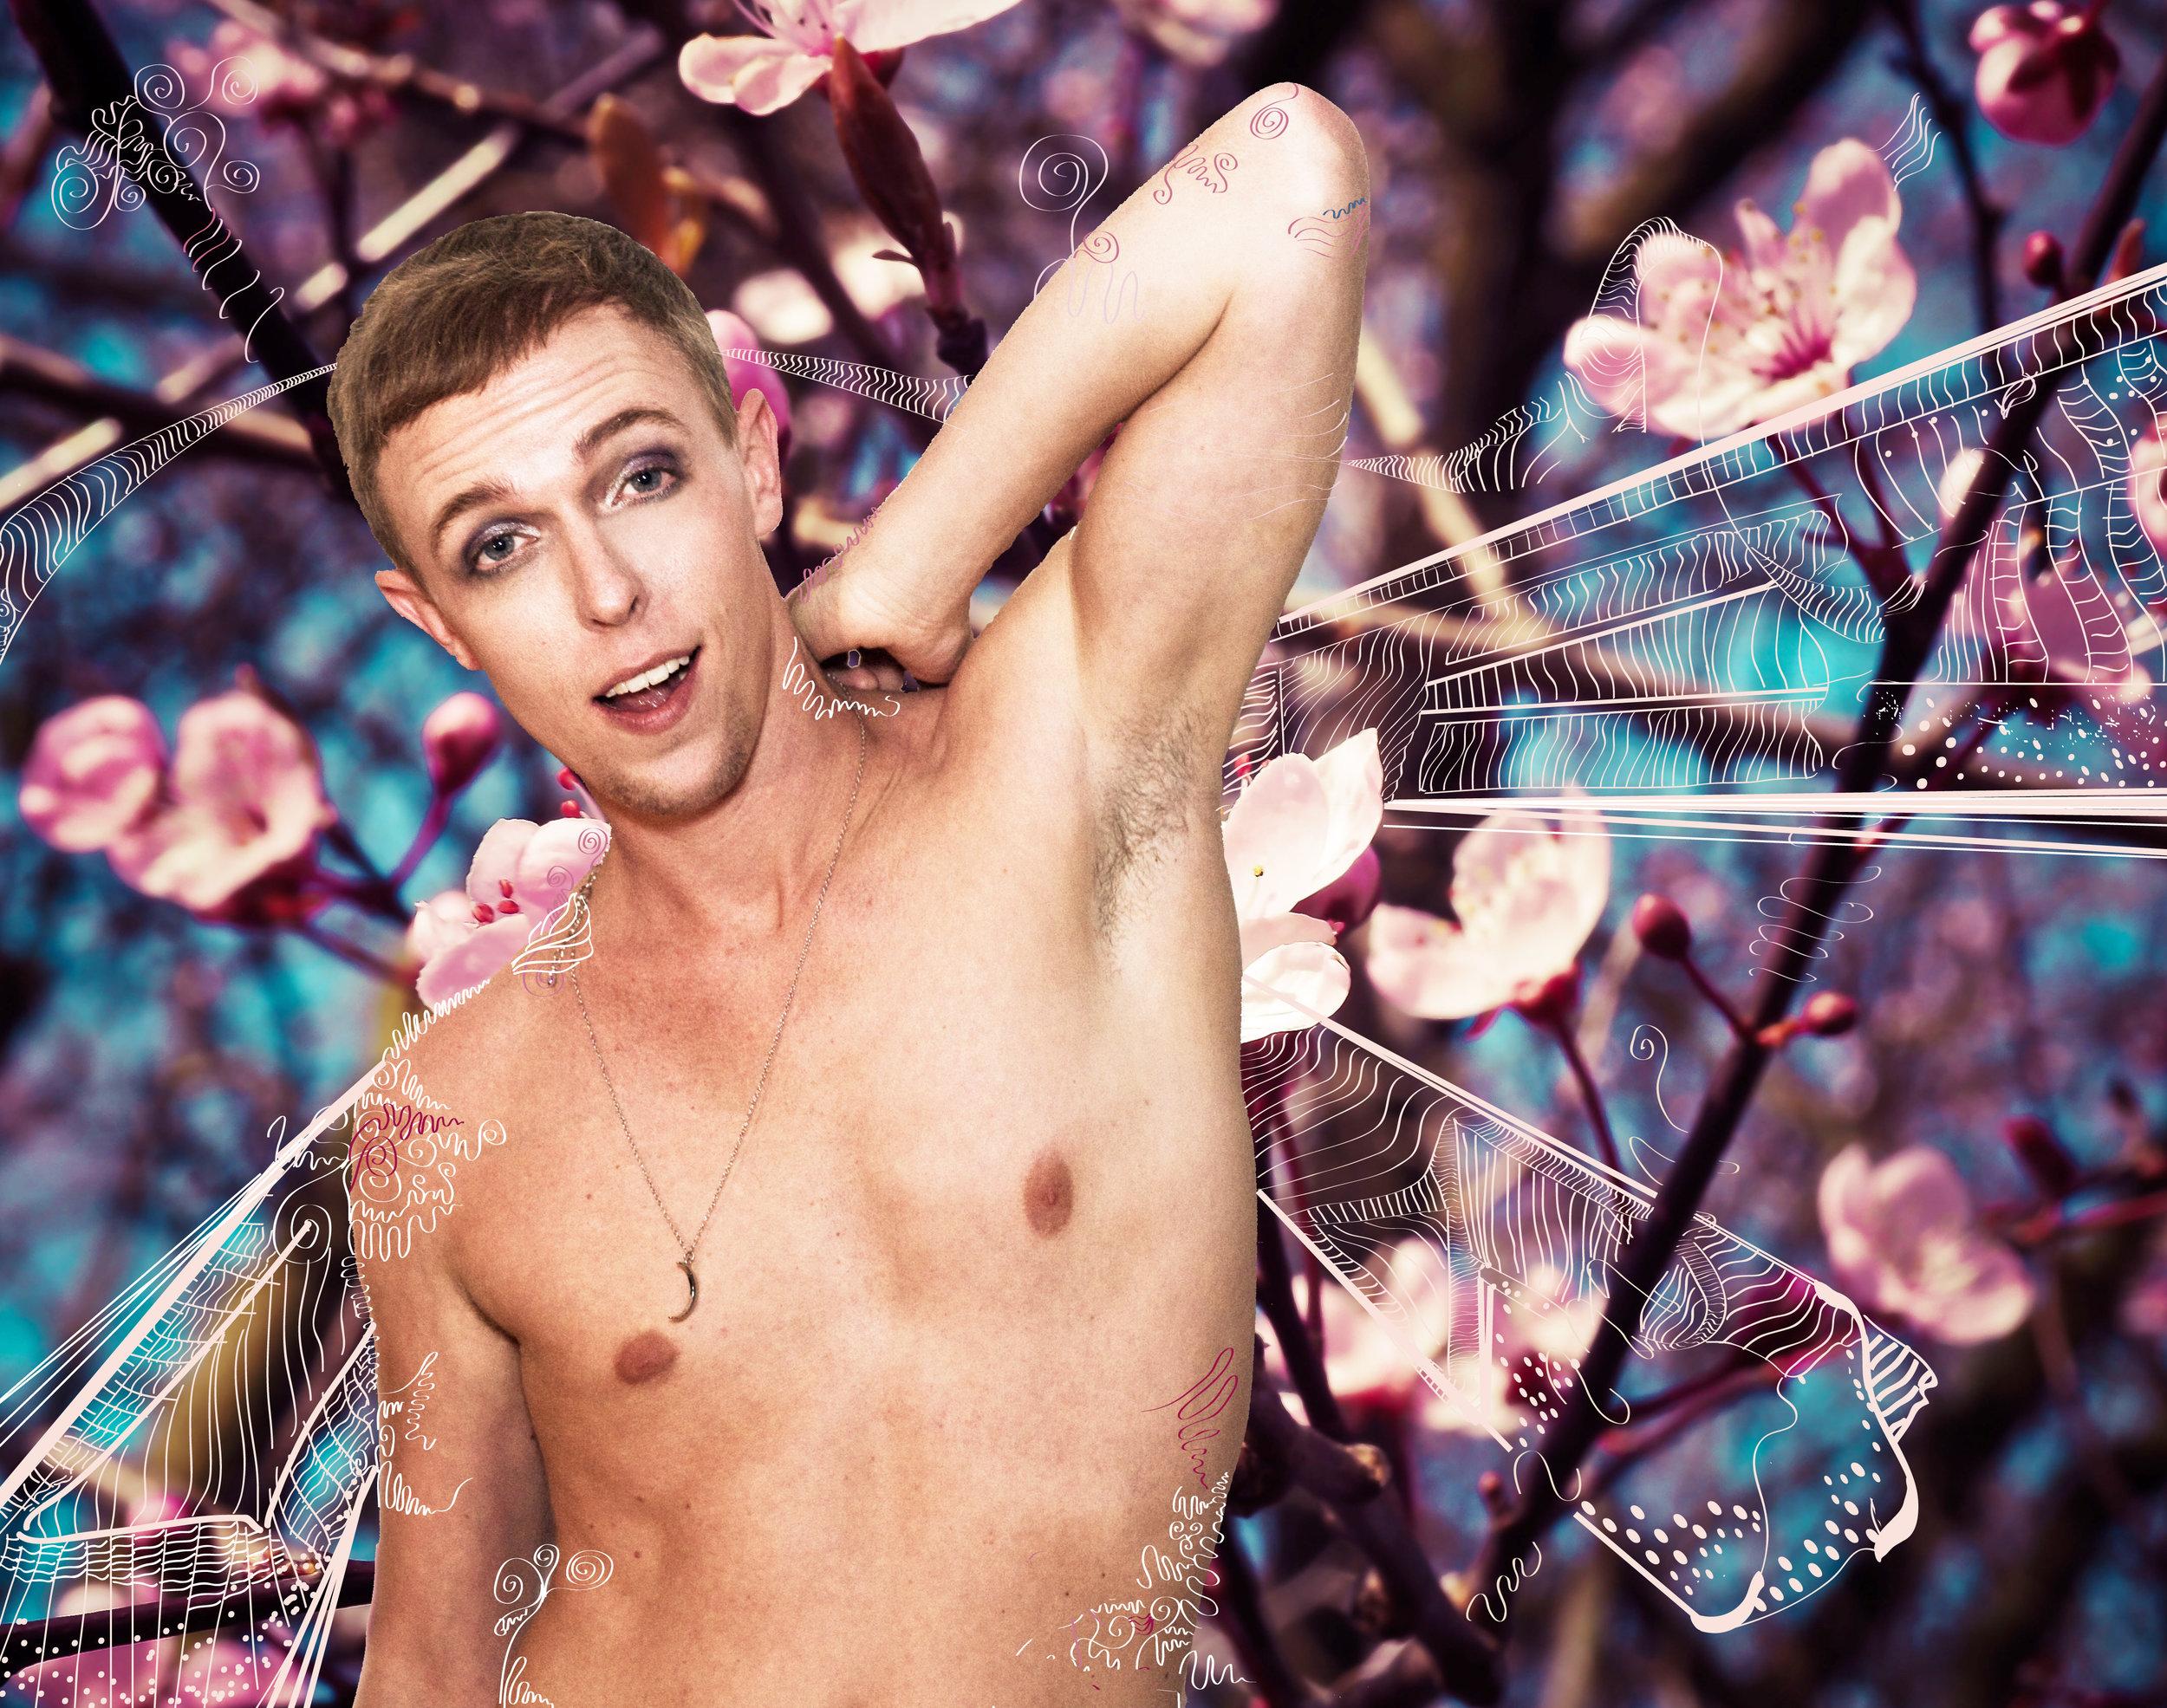 Jay Thomas Promotional PHOTO 03.jpg